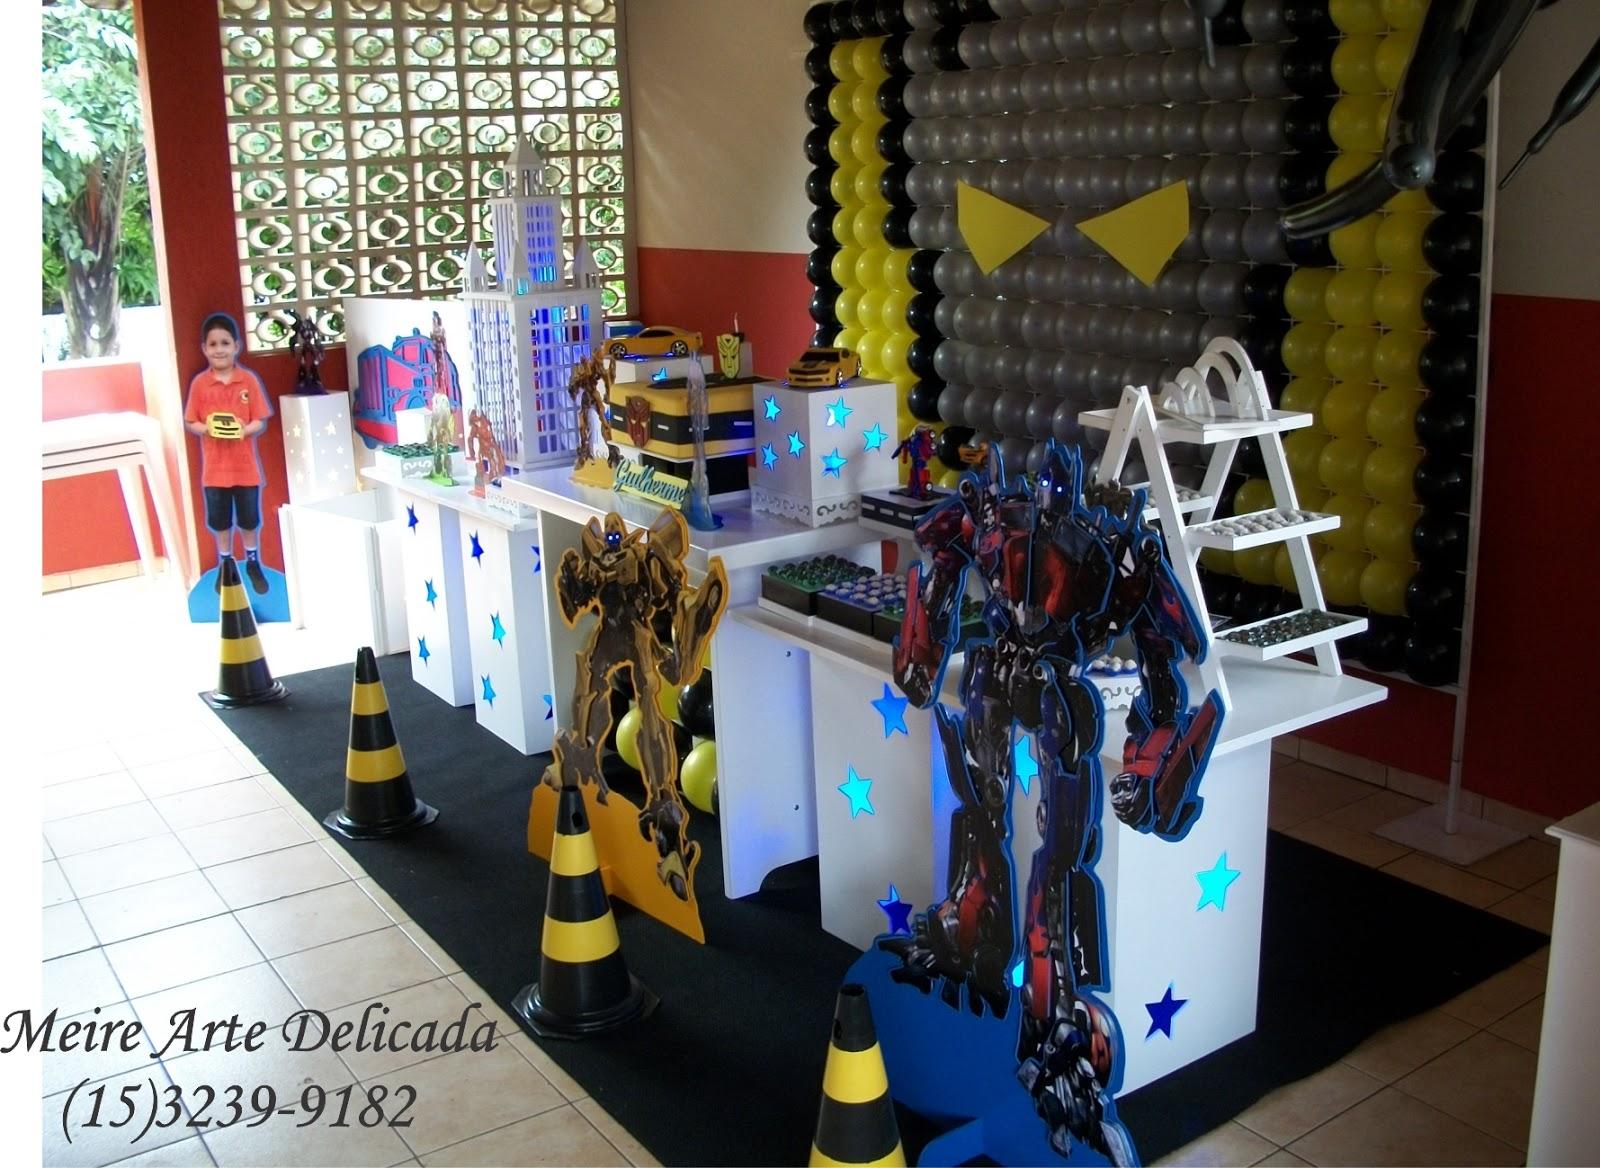 Meire Arte Delicada Decoração de festa Clean dos Transformers em